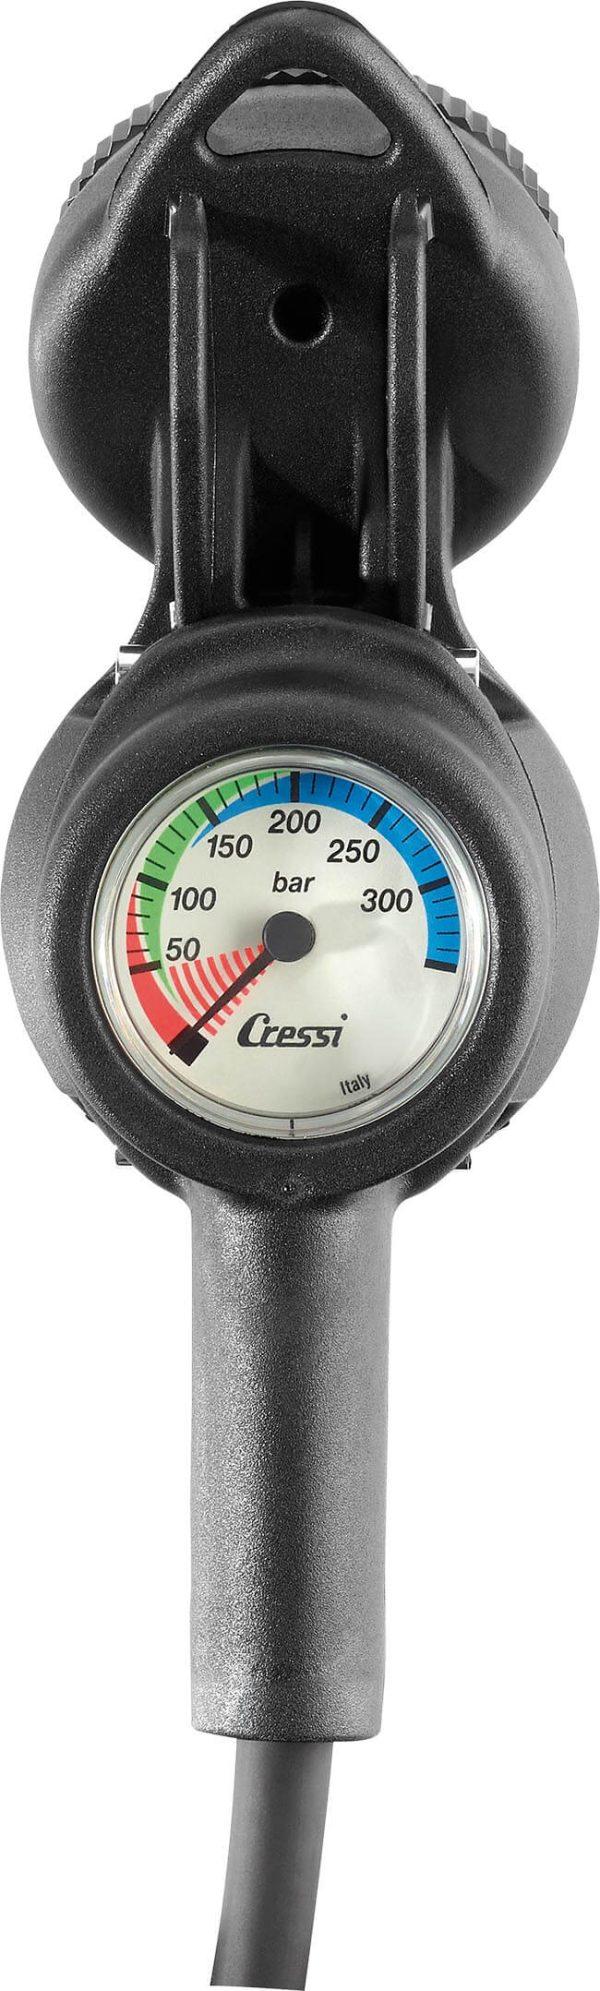 Consola de Buceo Cressi CPD3 – Compás (Brújula), Manómetro y Profundímetro atras